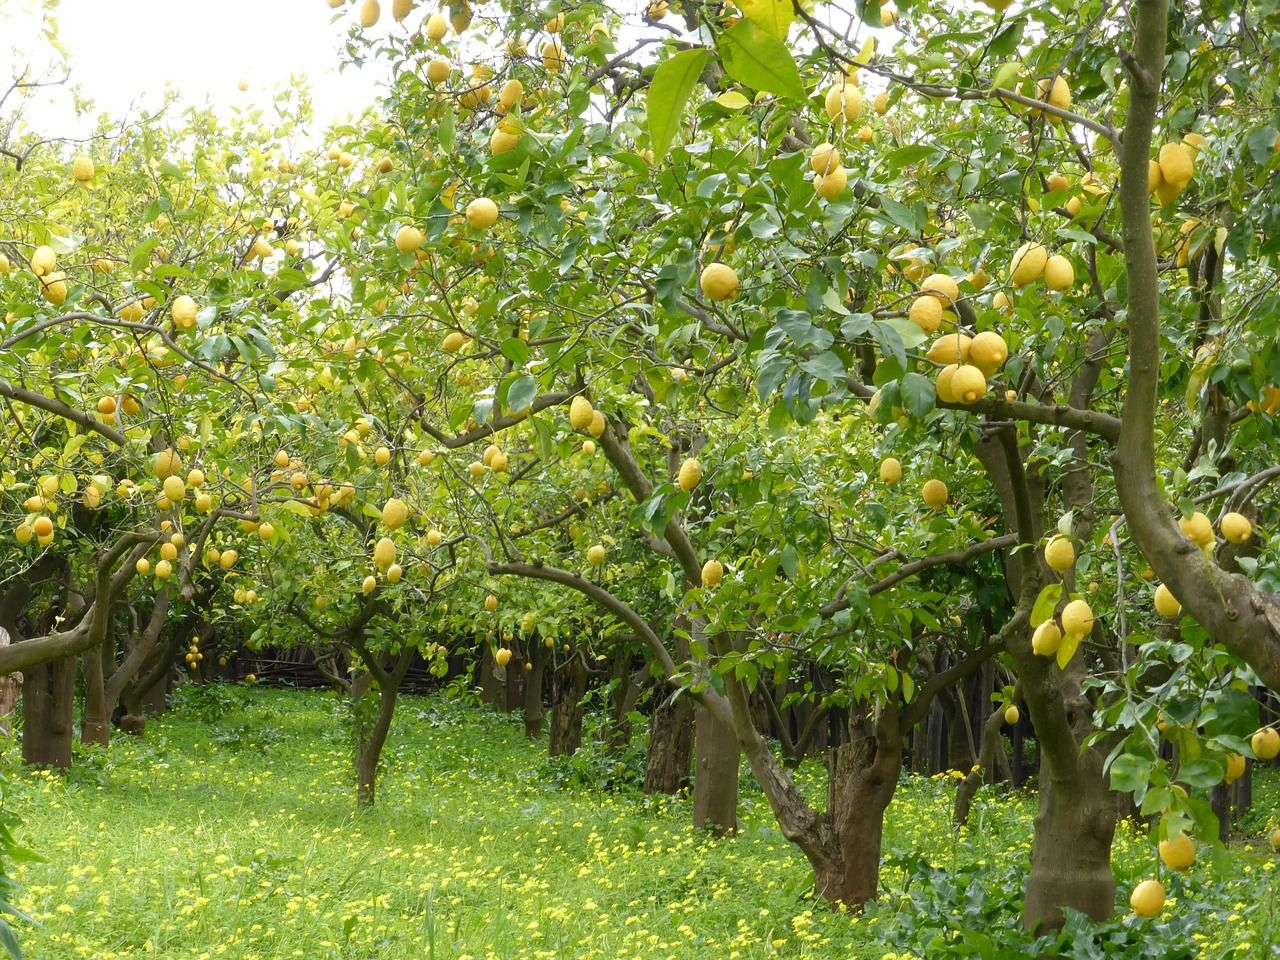 Nous Vivons Dans L Atmosphere Que Nous Creons Nous Sommes Le Produit De Nos Propres Pensees Chacun Peut S Entourer D In 2021 Fruit Trees Tree Photography Lemon Seeds